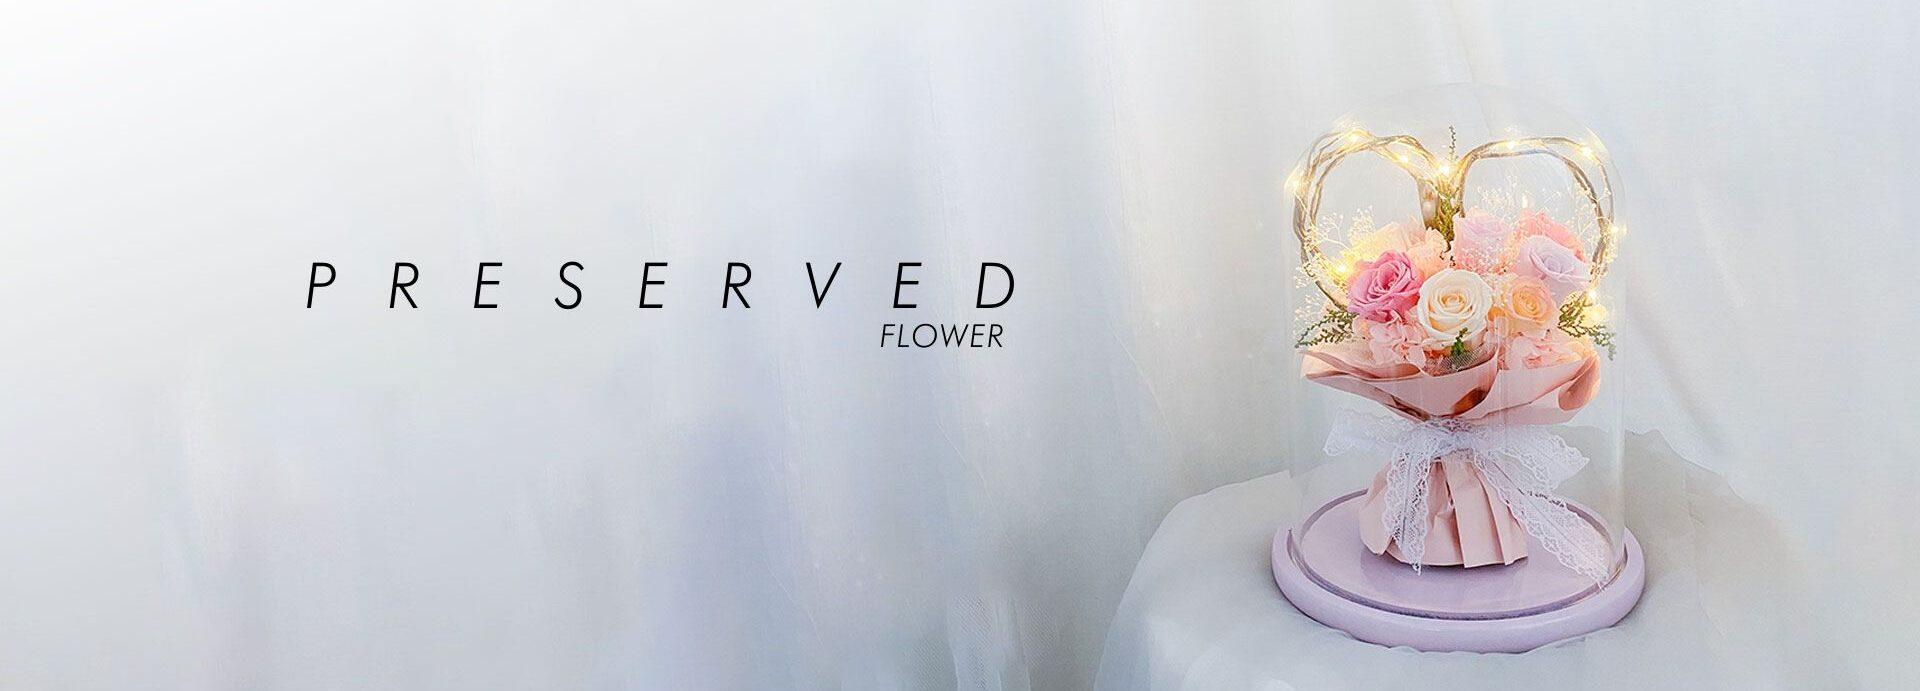 preserved-flower-landing